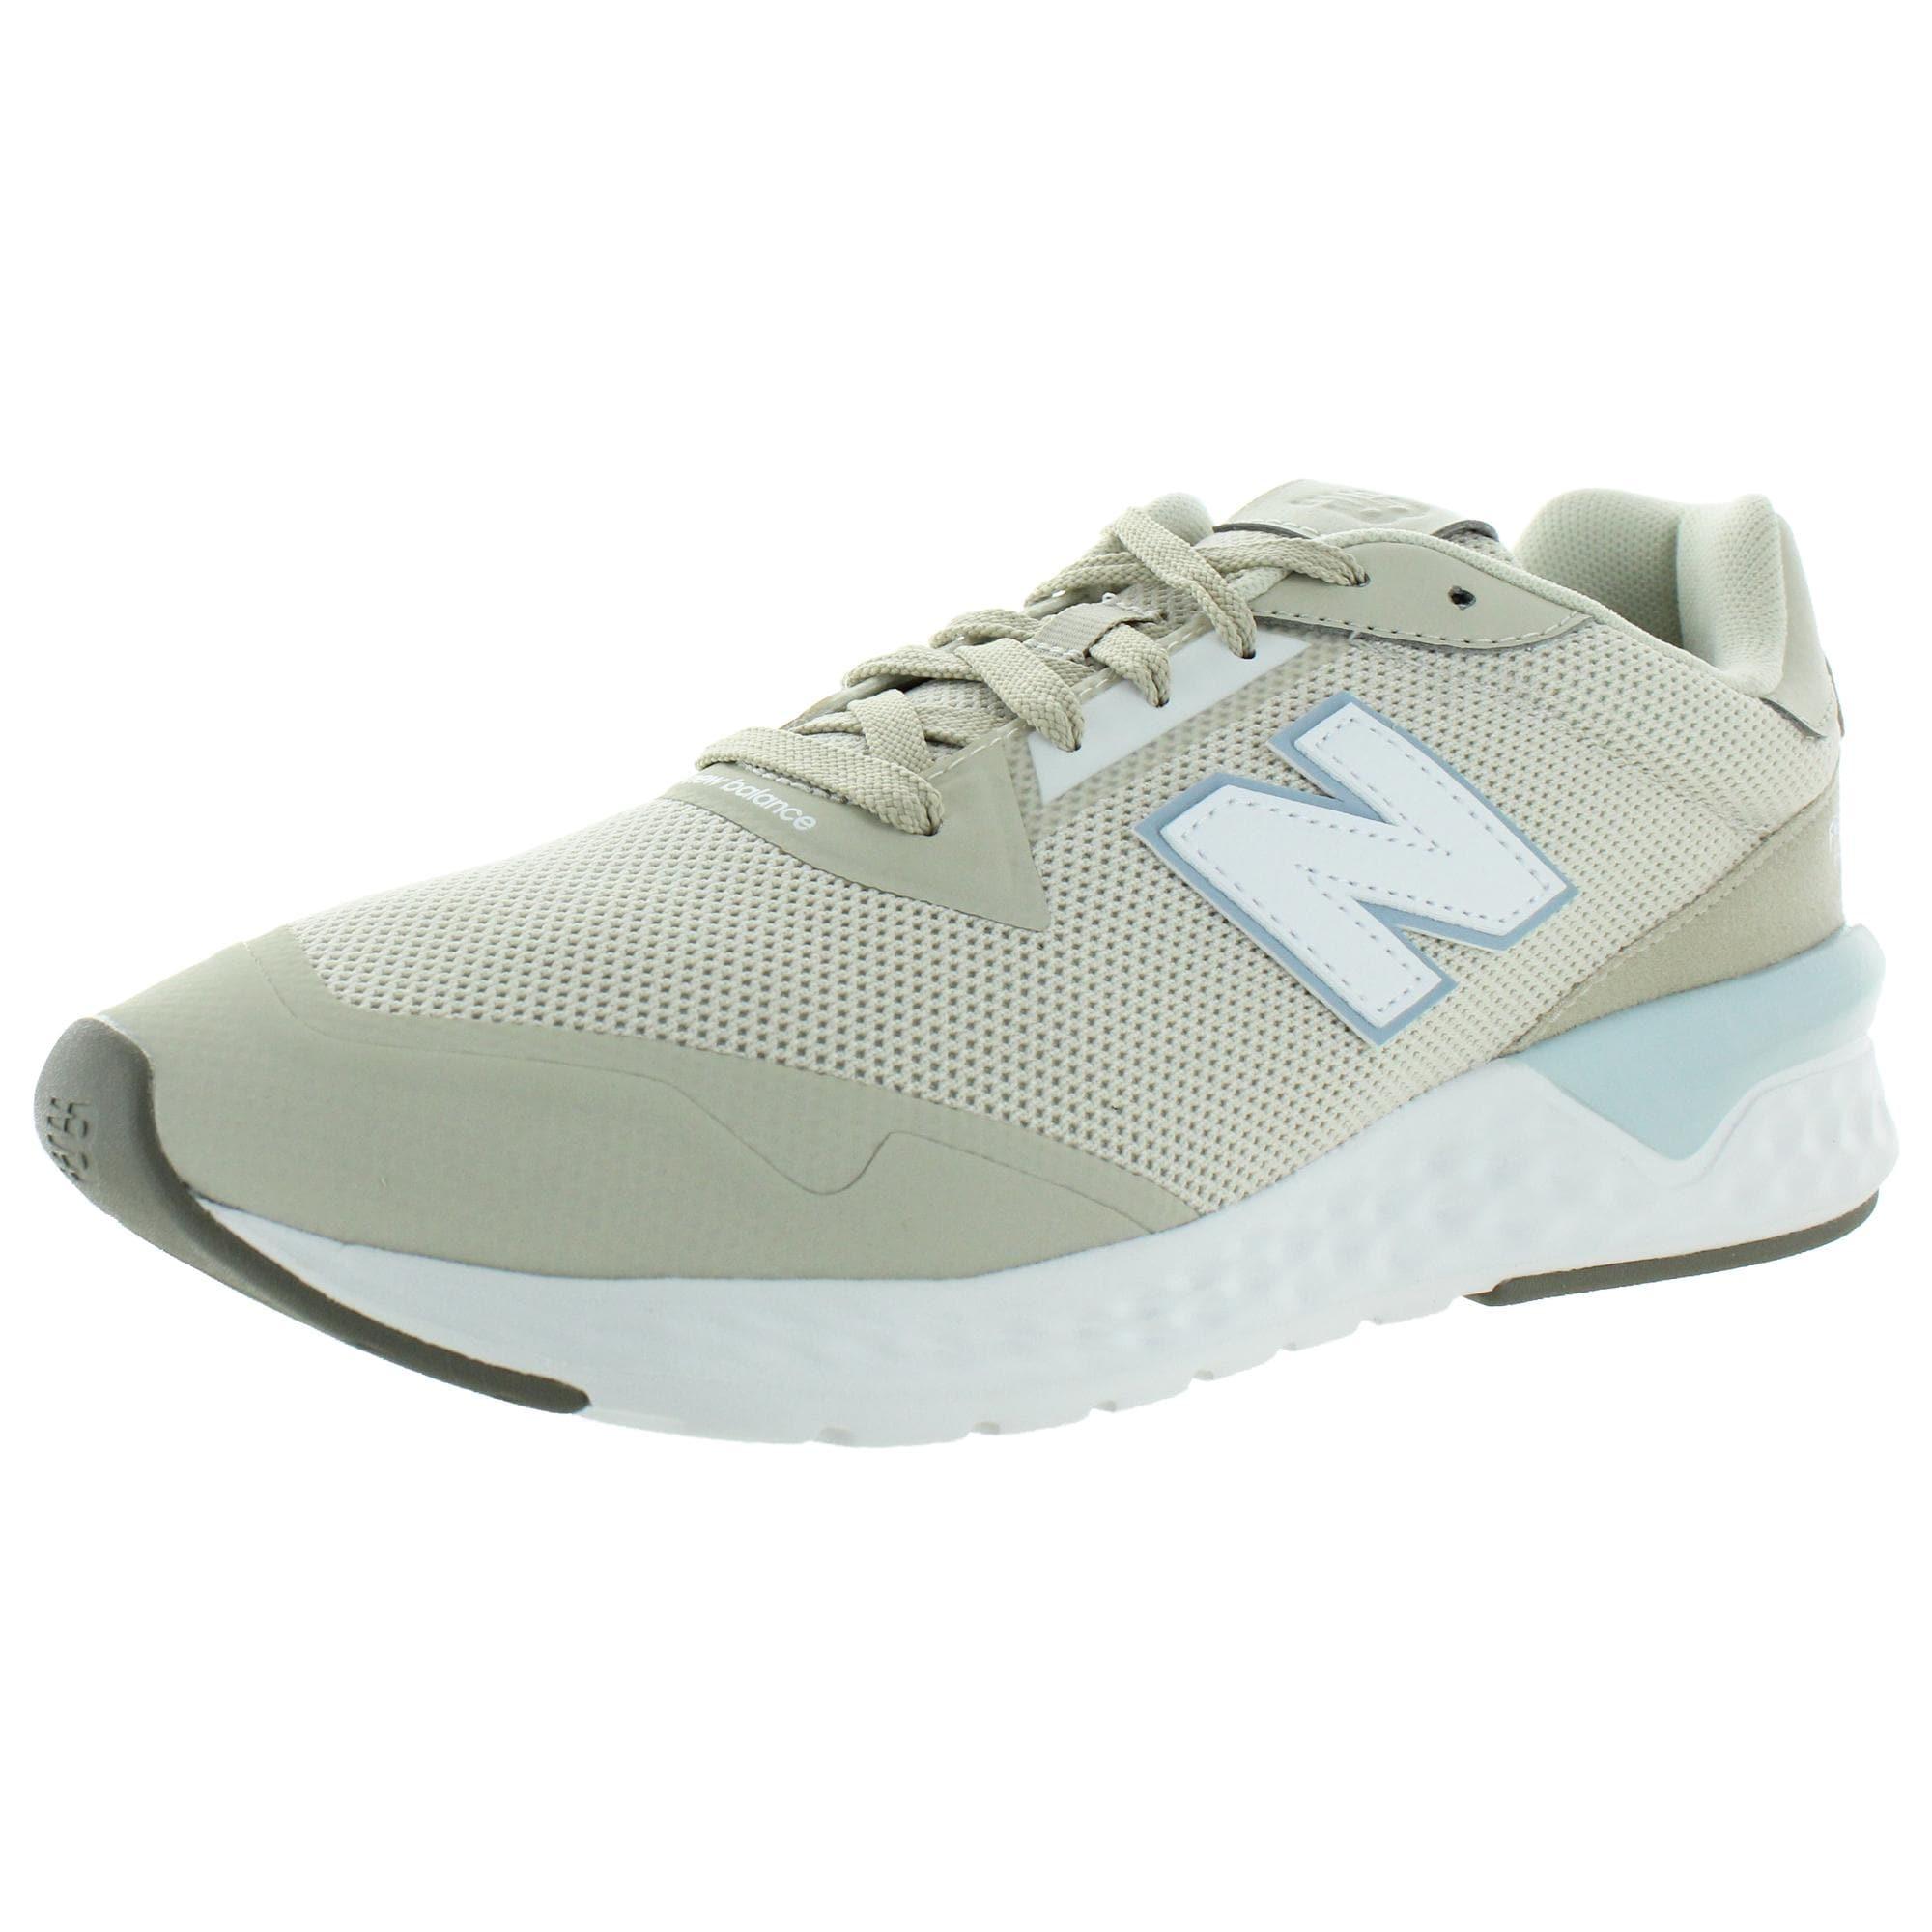 Shop New Balance Womens 515 Running